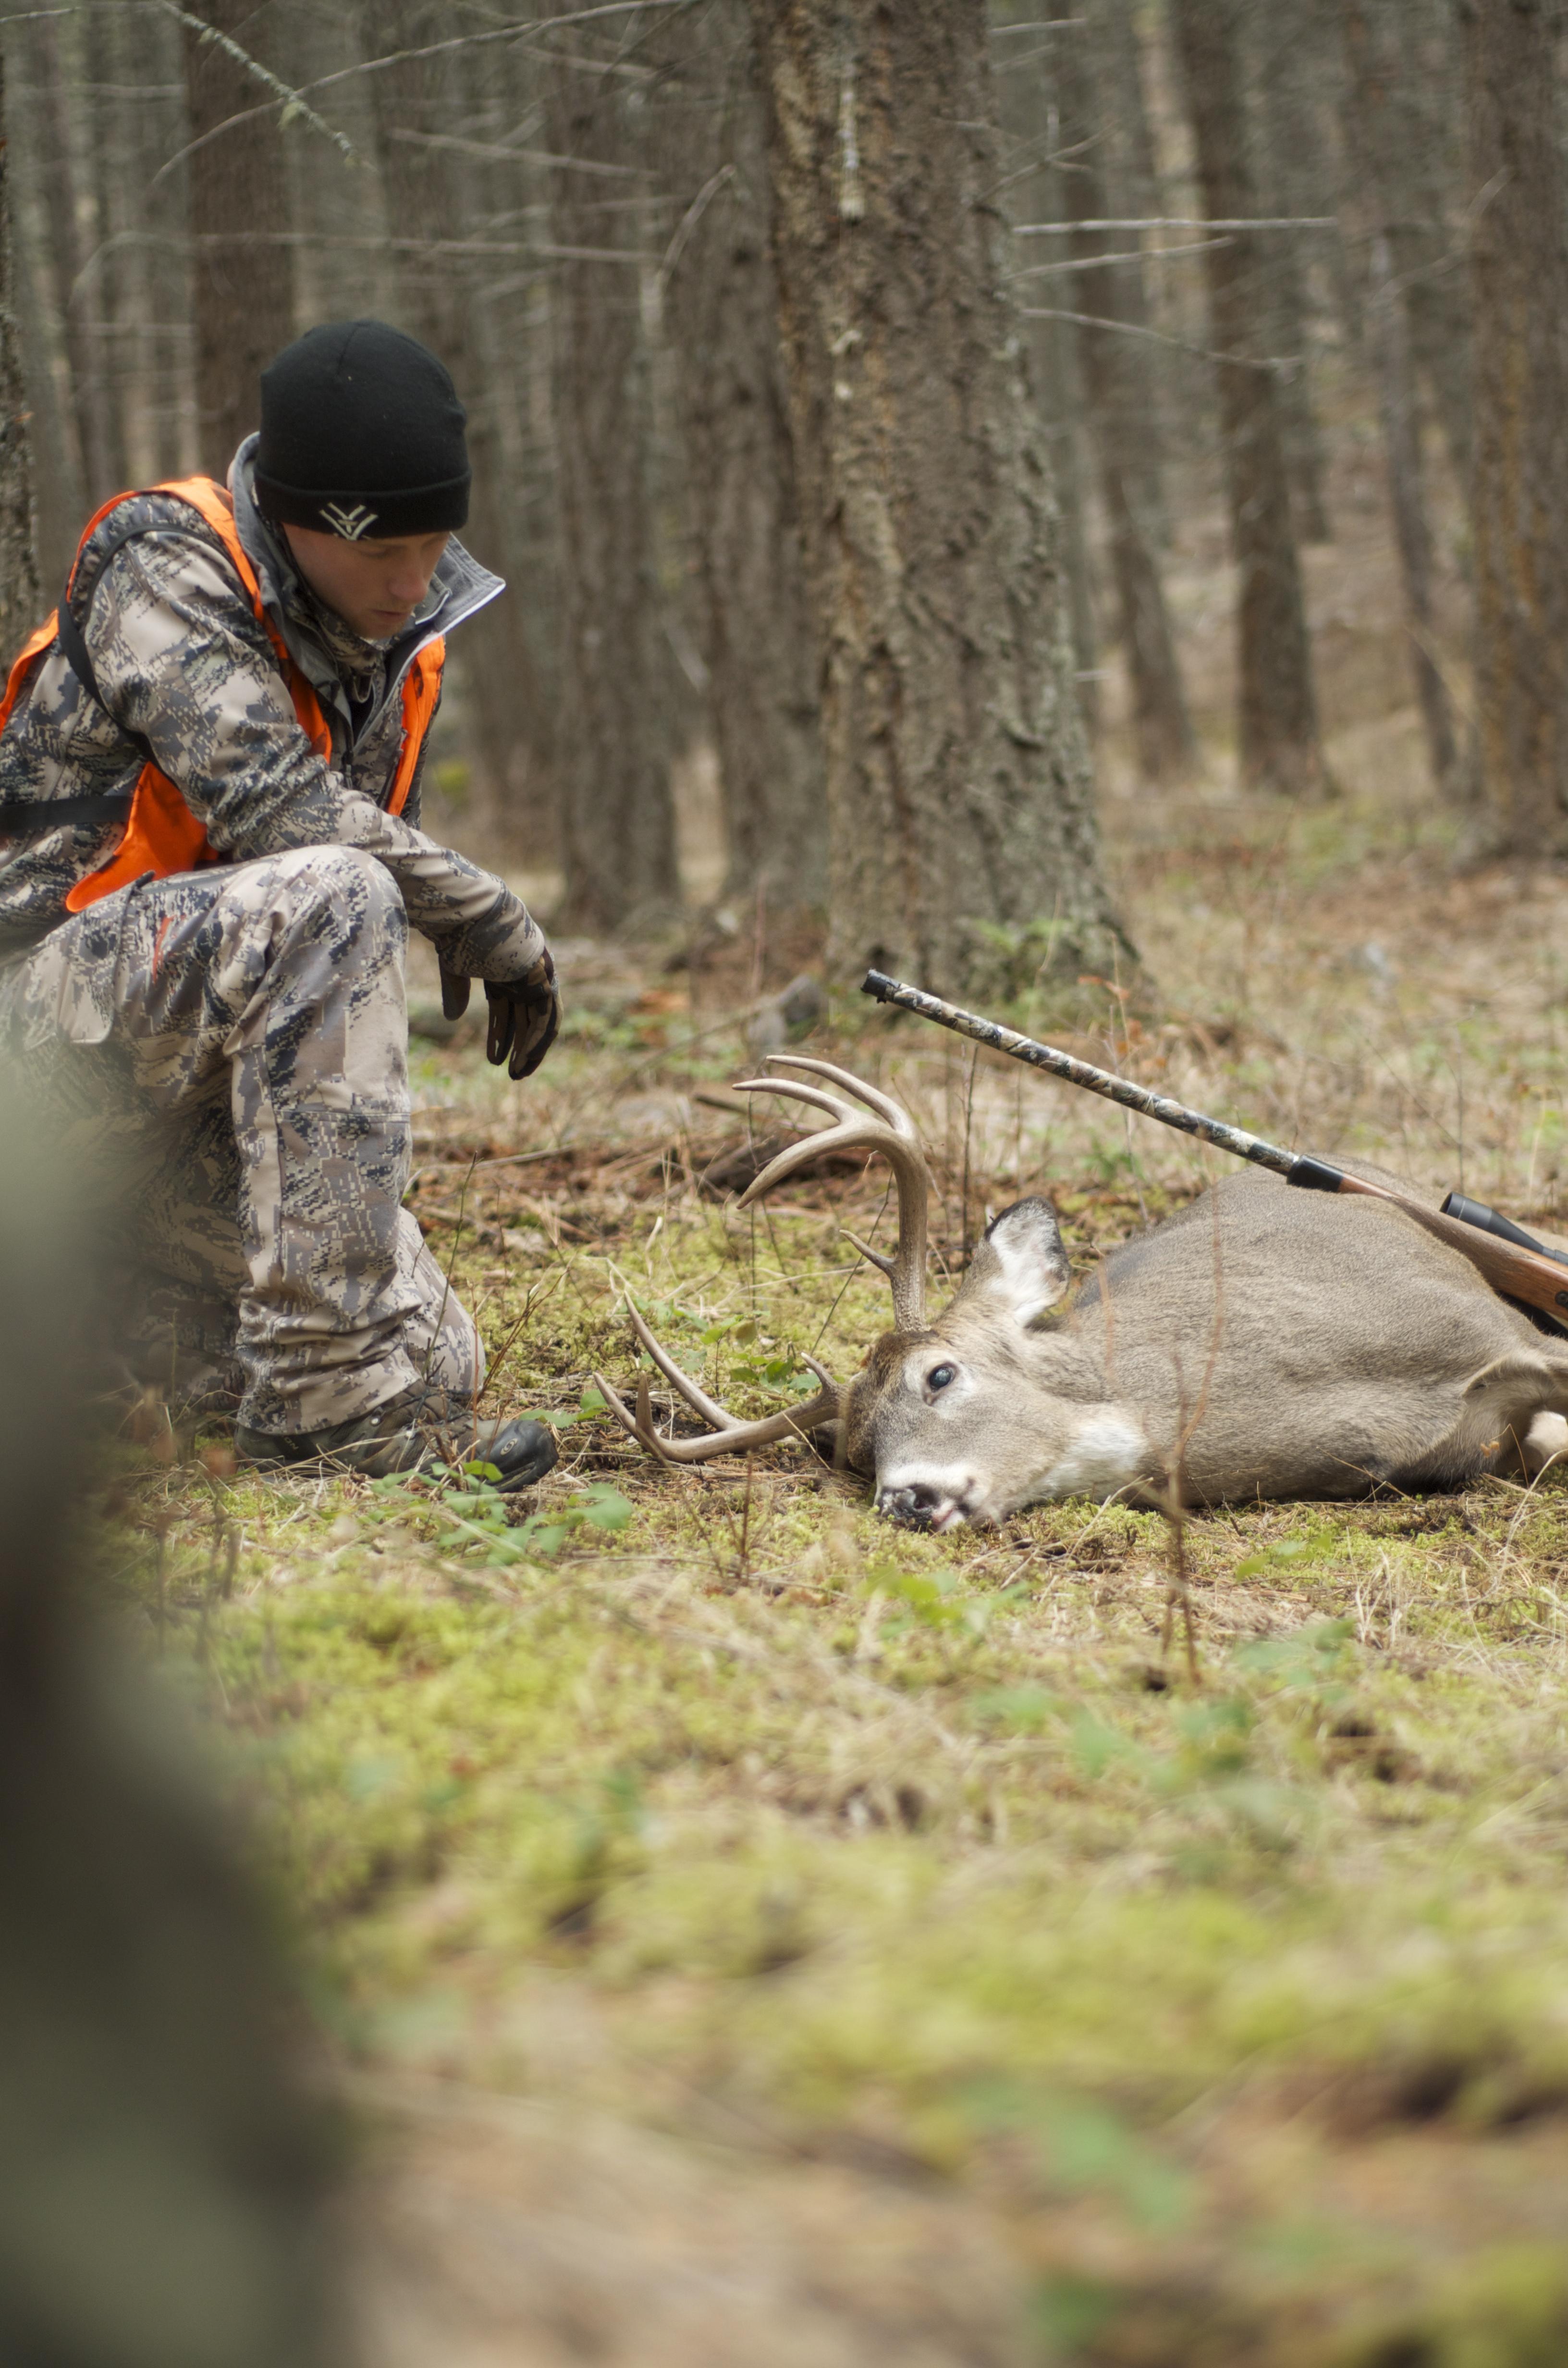 #deerhunting #buck #whitetaildeer #montana #hsmammo #huntingshack #riflehunting #westernmontana #biggame #sitkagear